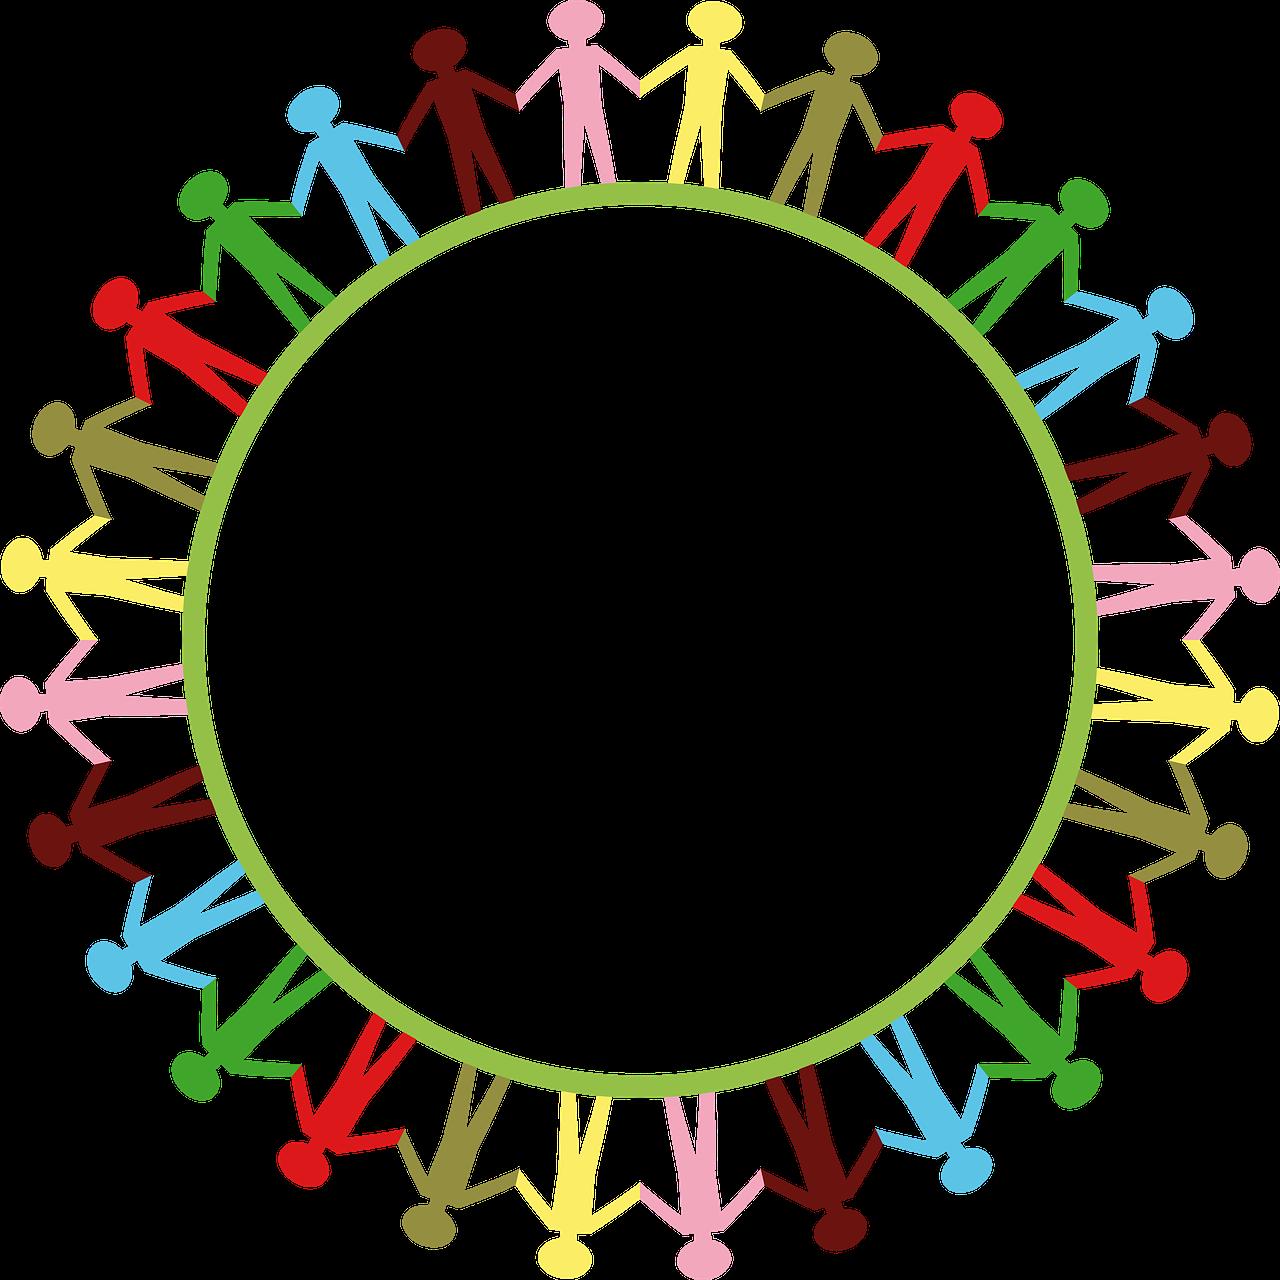 Hague Convention, Children Around Globe